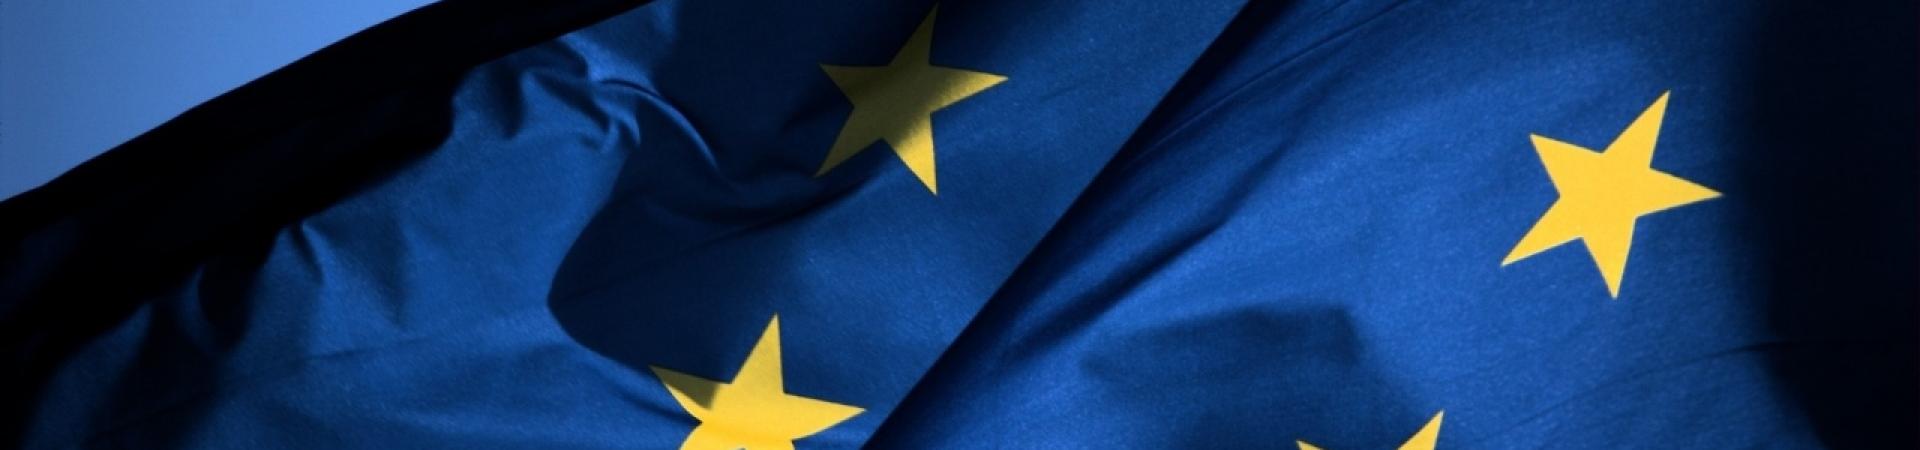 Поддержка бизнеса в Европе и Украине